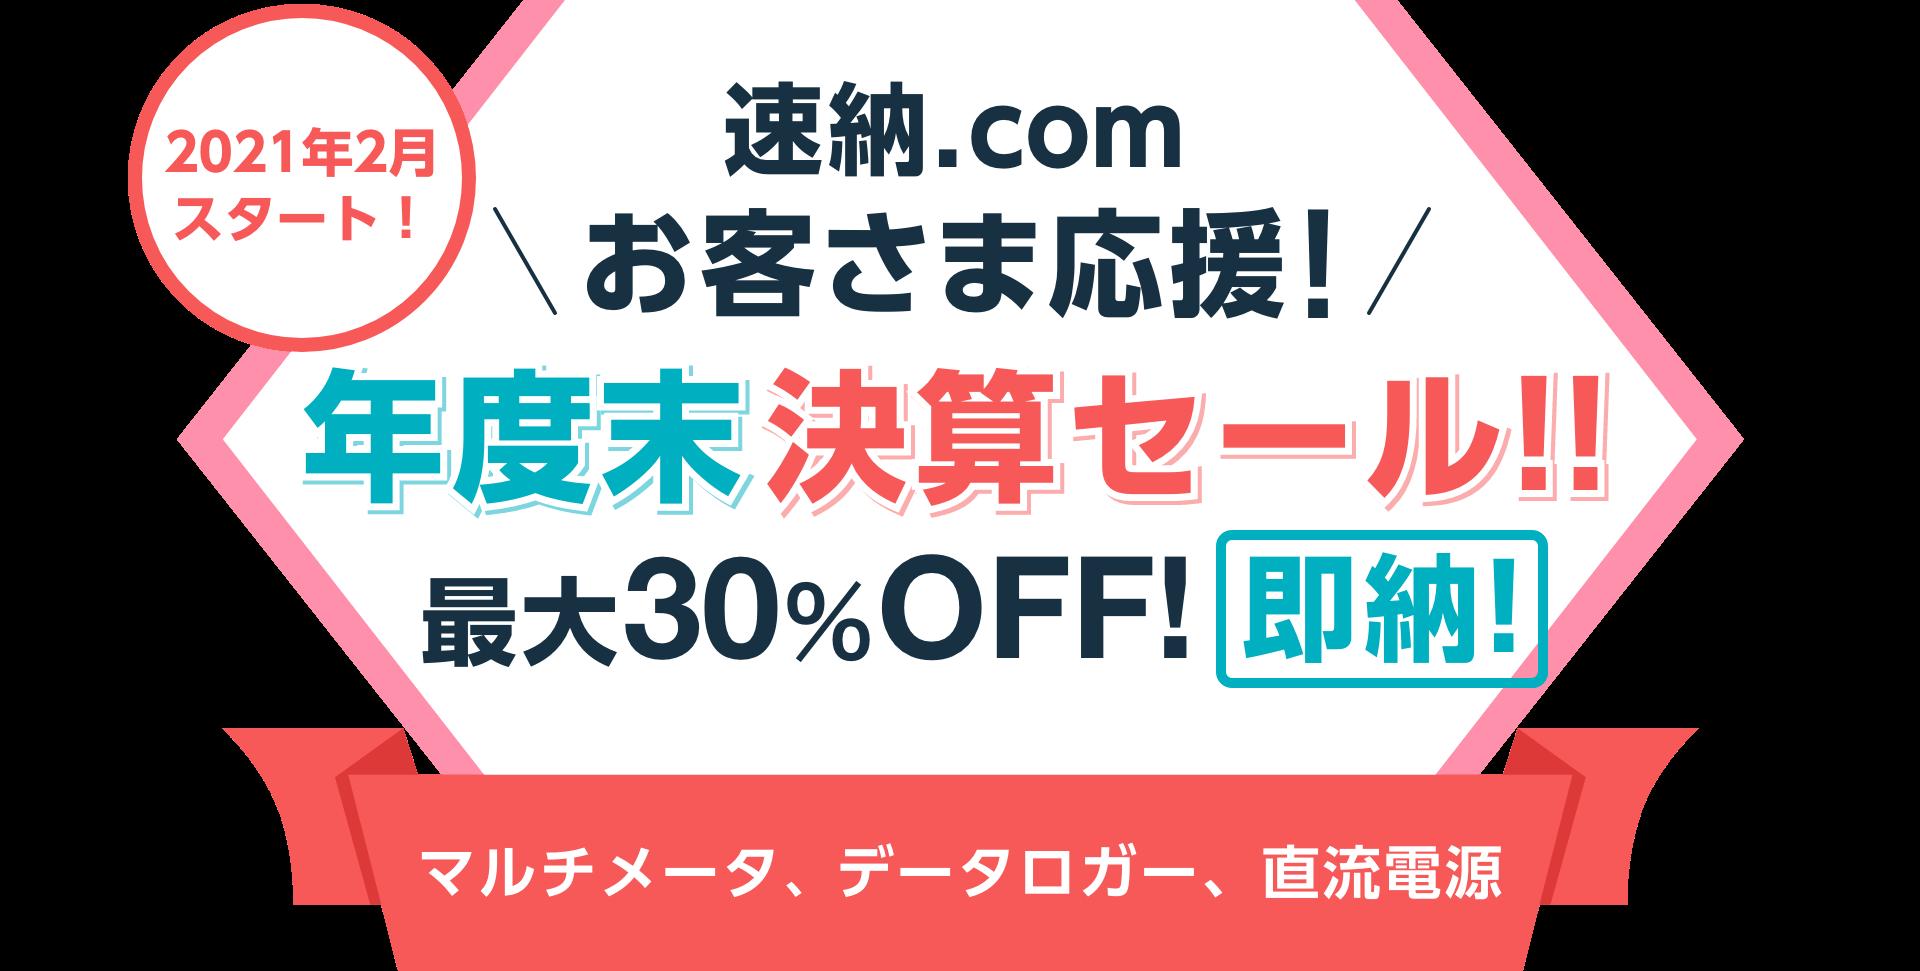 2021年2月スタート!速納.com お客様応援!年度末決算セール!!最大30%OFF!即納!マルチメータ、データロガー、直流電源